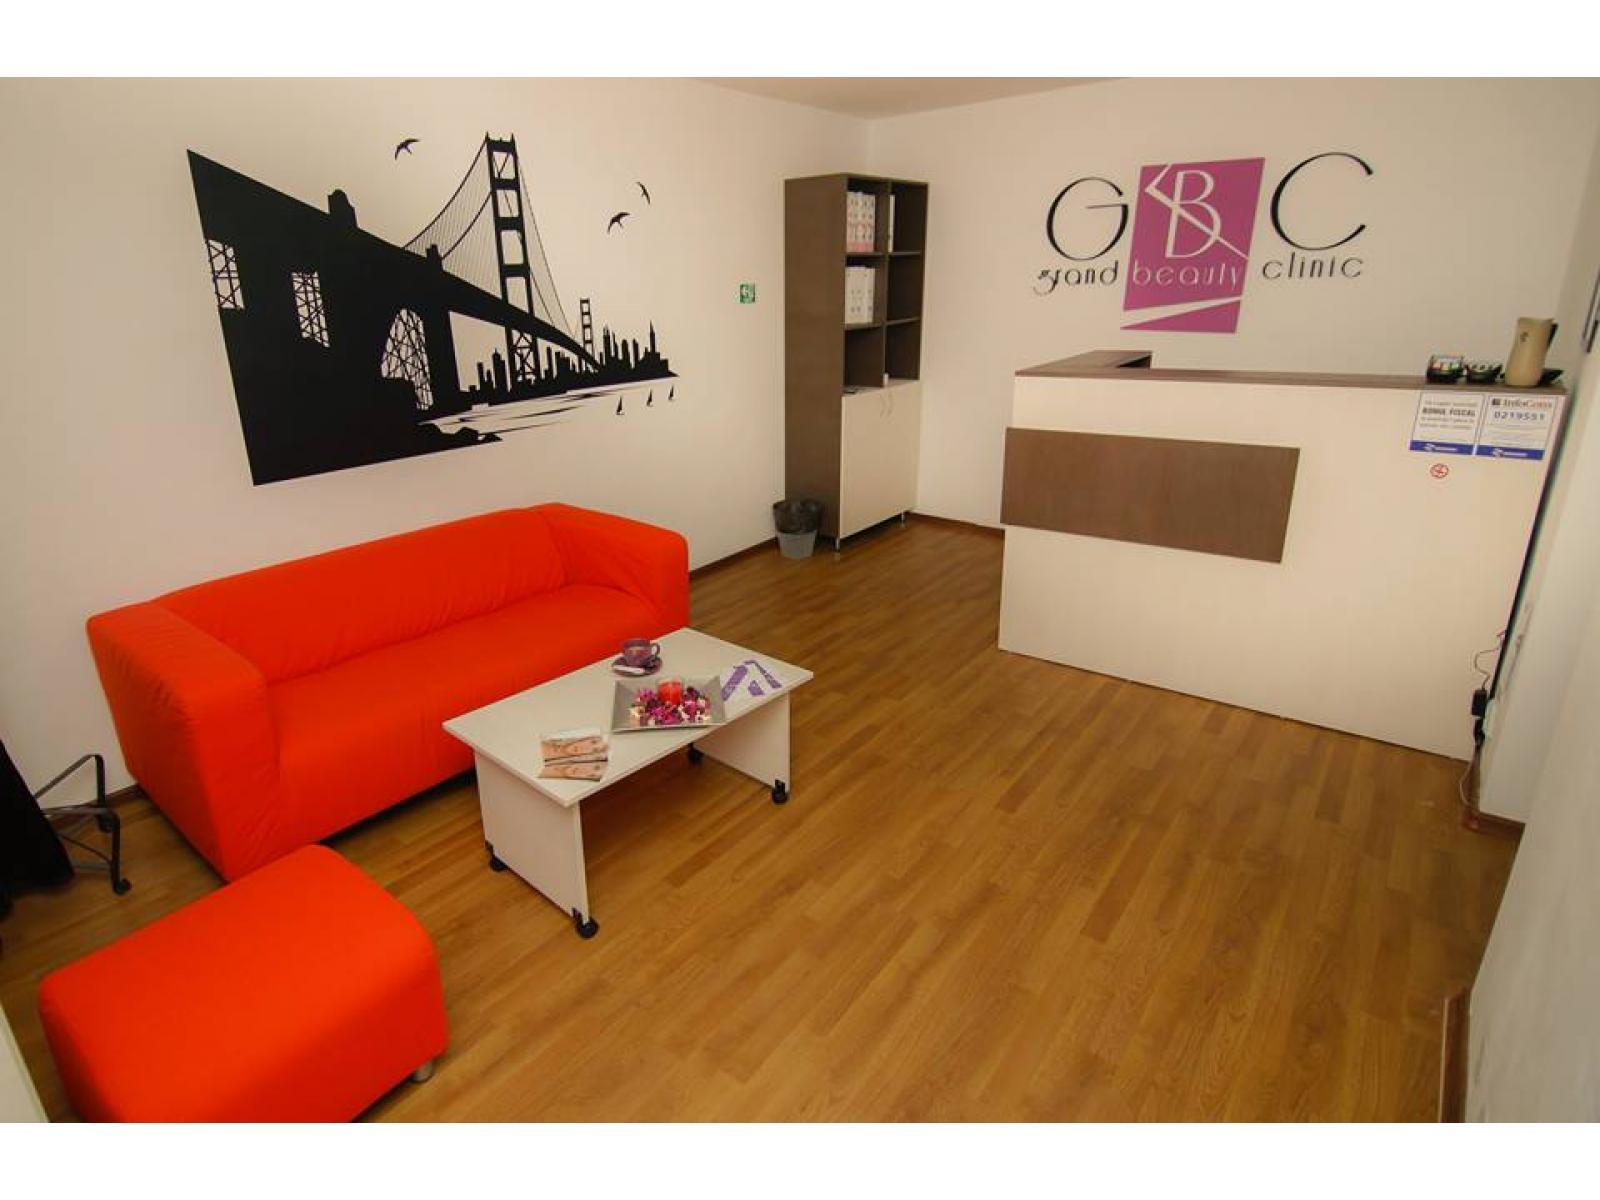 Grand Beauty Clinic - 10440778_800011720091664_7869326740212924236_n.jpg